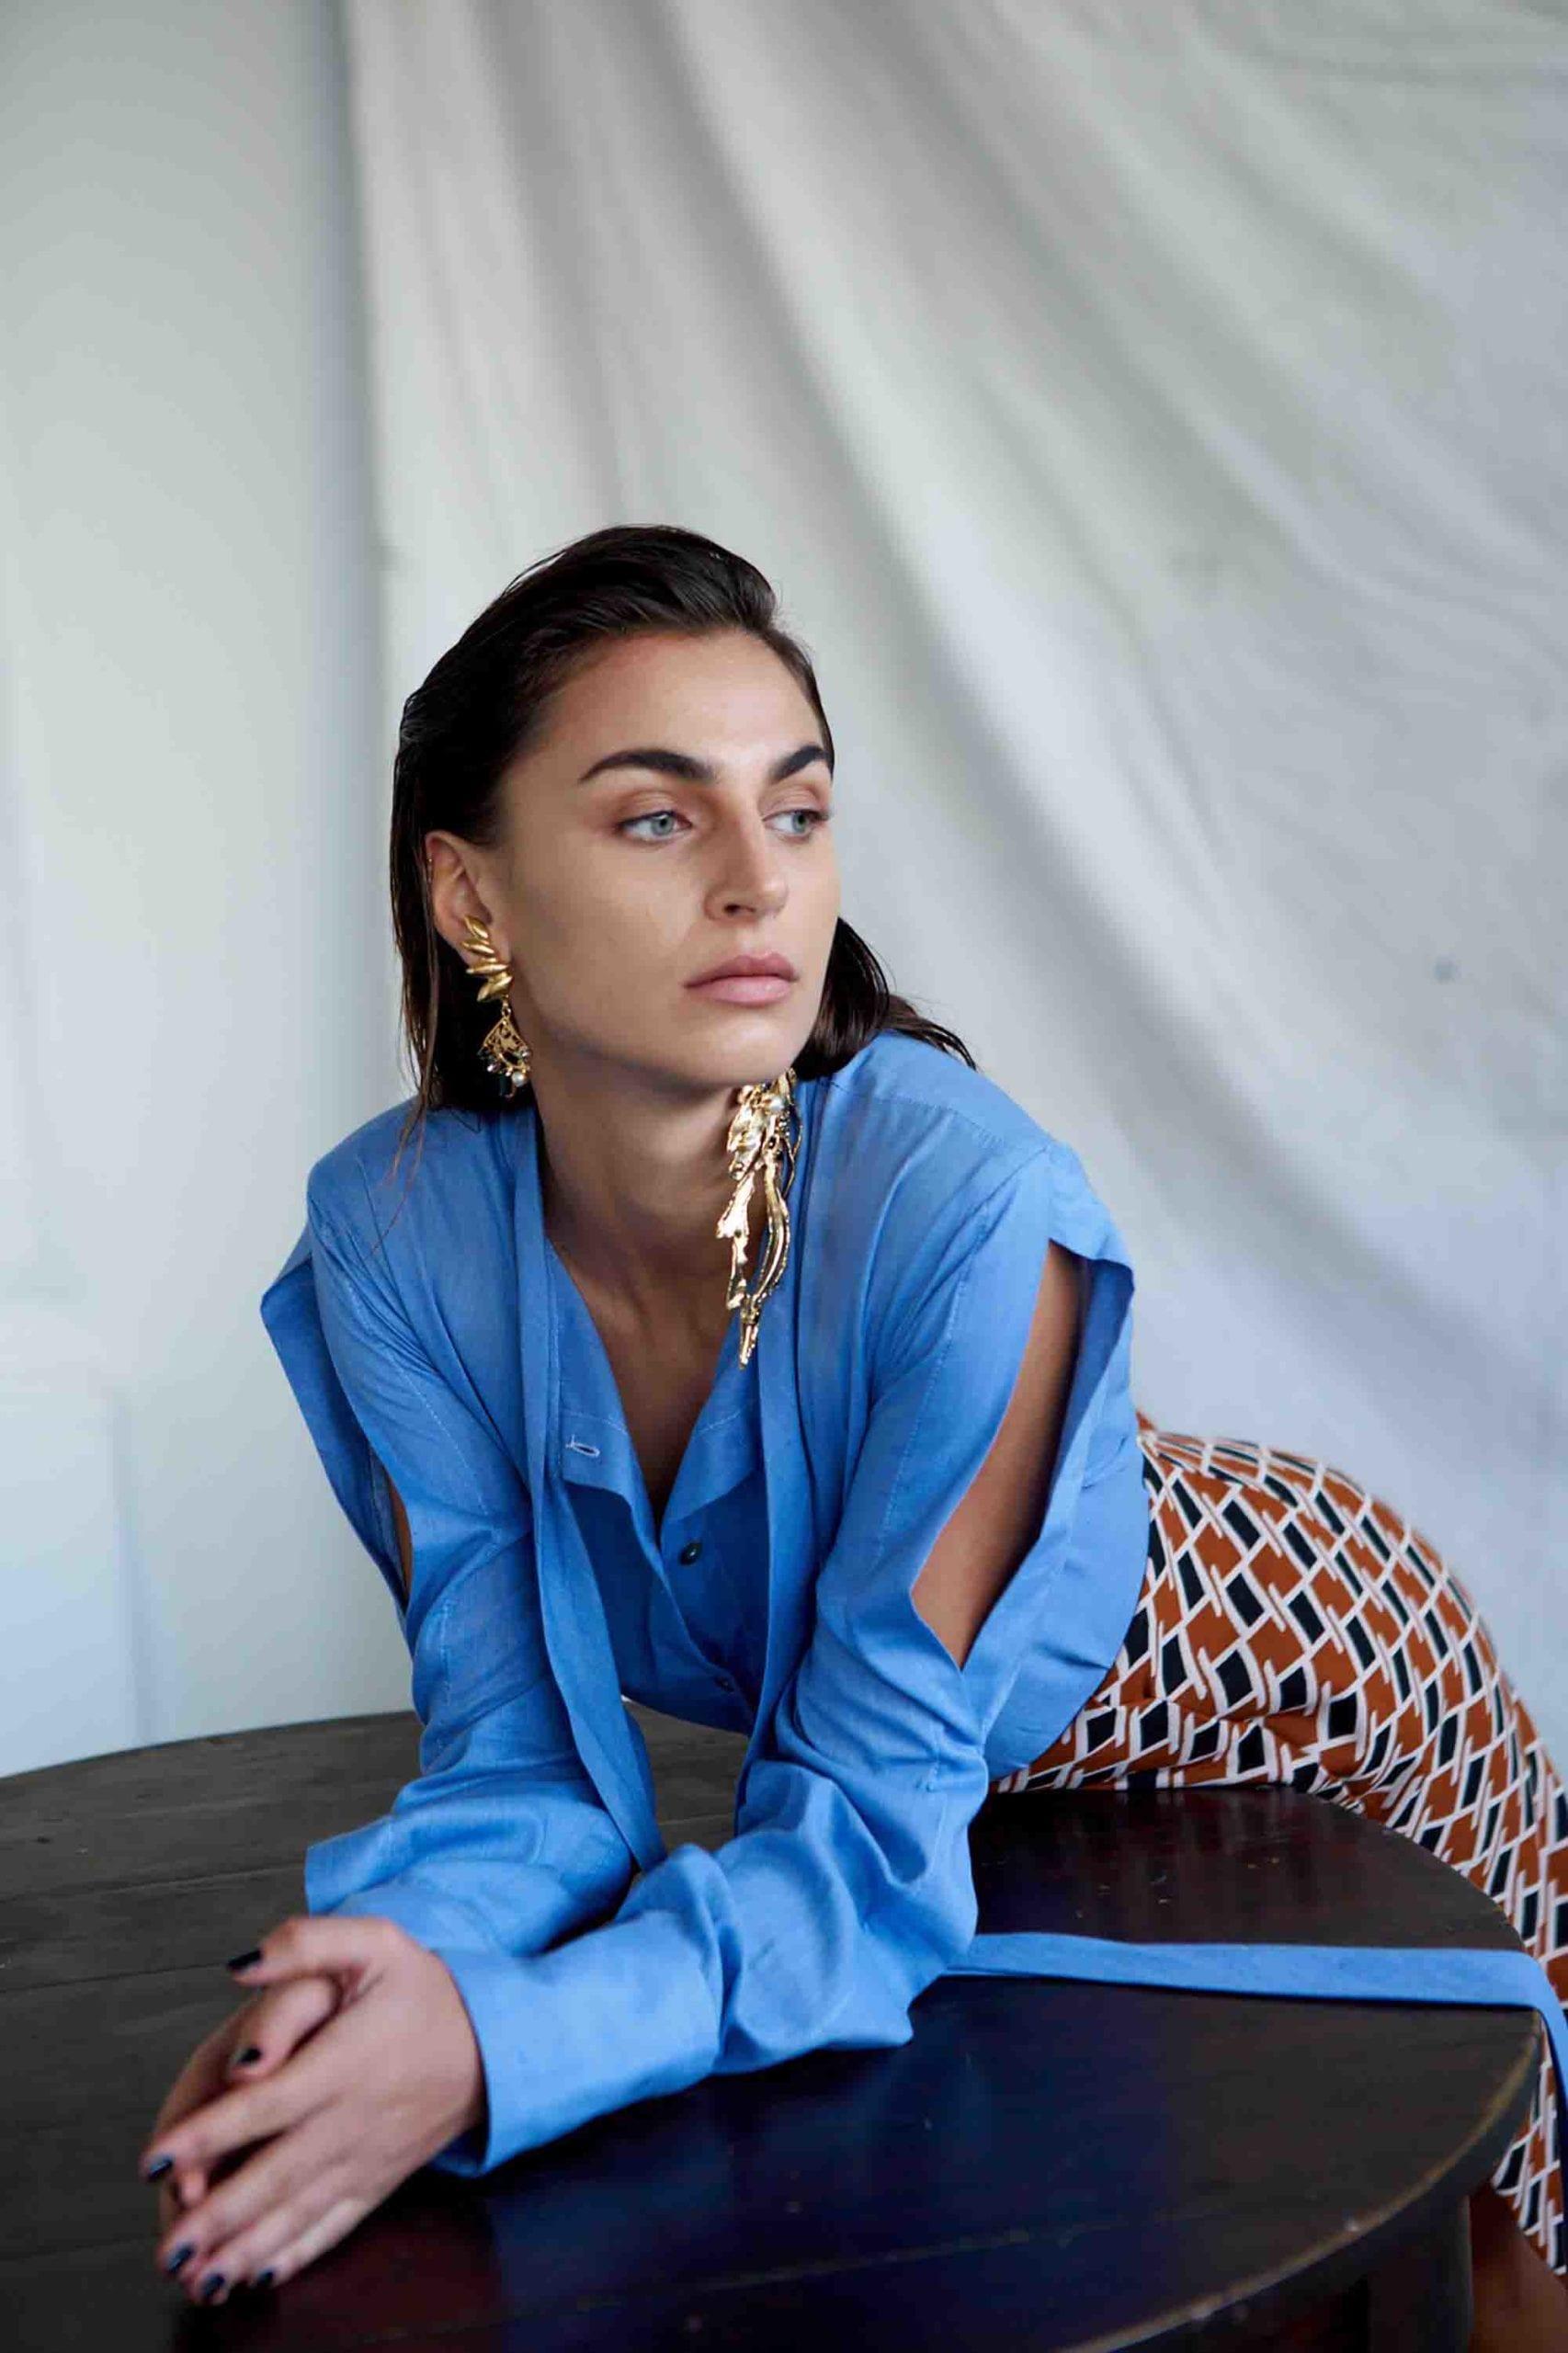 קובי גולן, Kobi Golan, מעצב אופנה, קולקציית אופנה 2020, מגזין אופנה, כתבות אופנה, הילה שייר, אופנה, מגזין אופנה ישראלי -